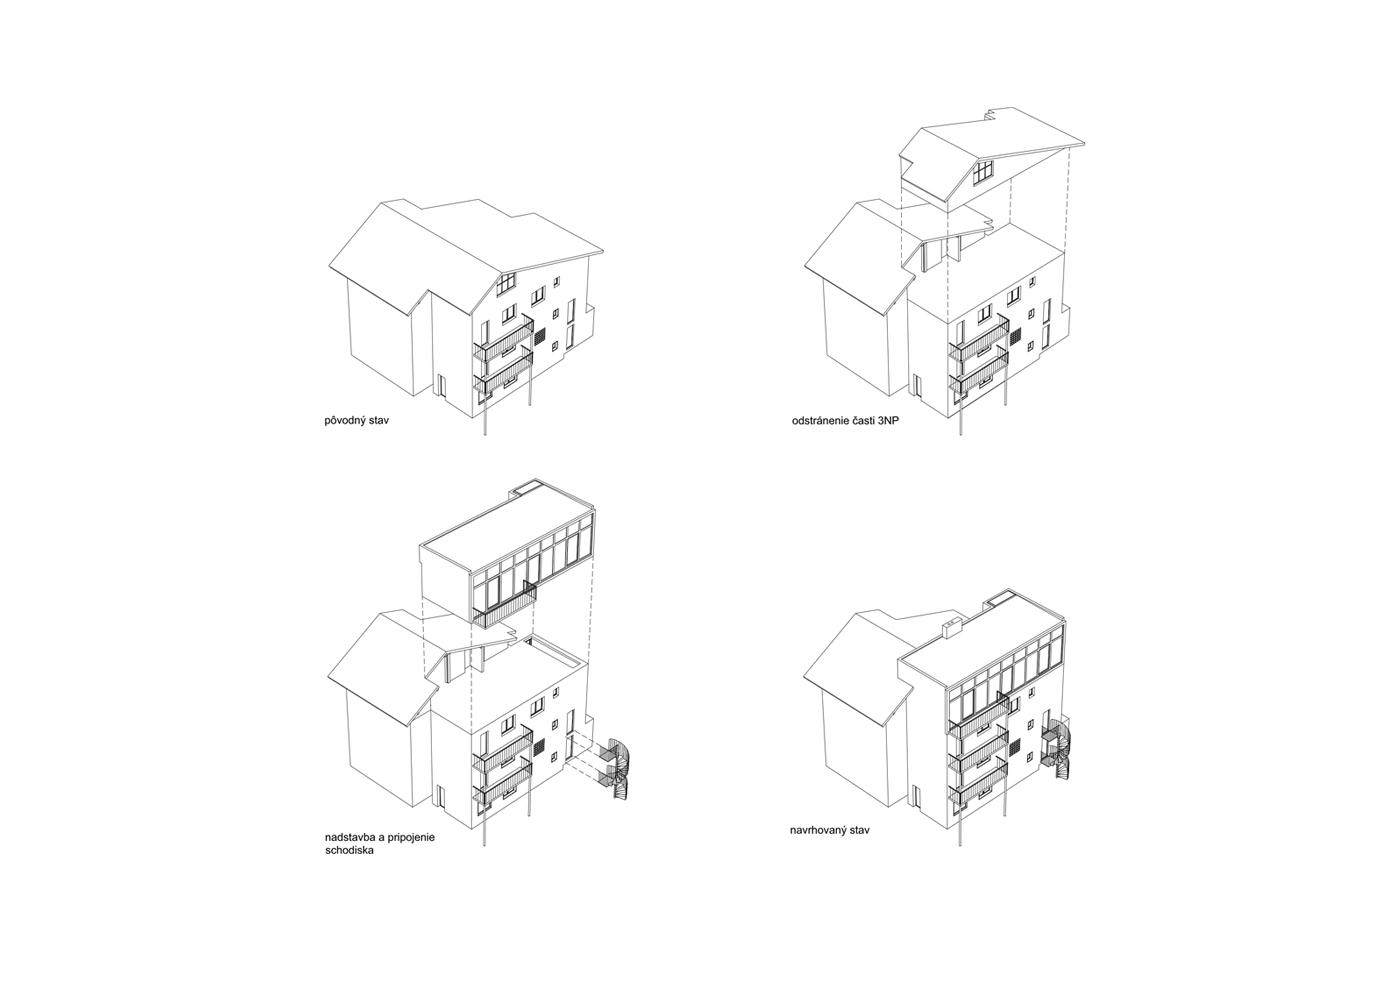 noiz-architekti-cervenova-05